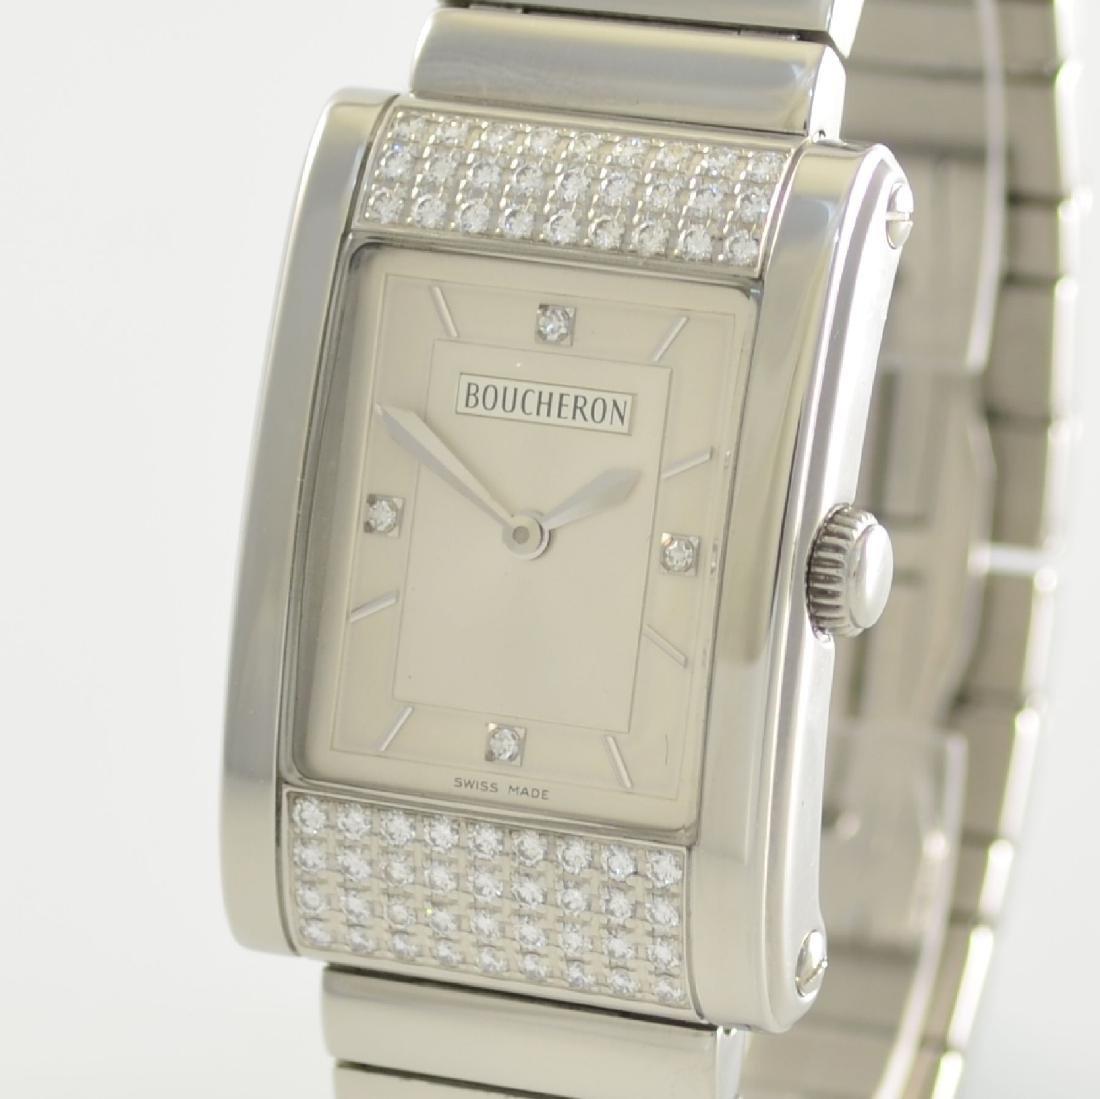 BOUCHERON ladies wristwatch series Reflet - 4